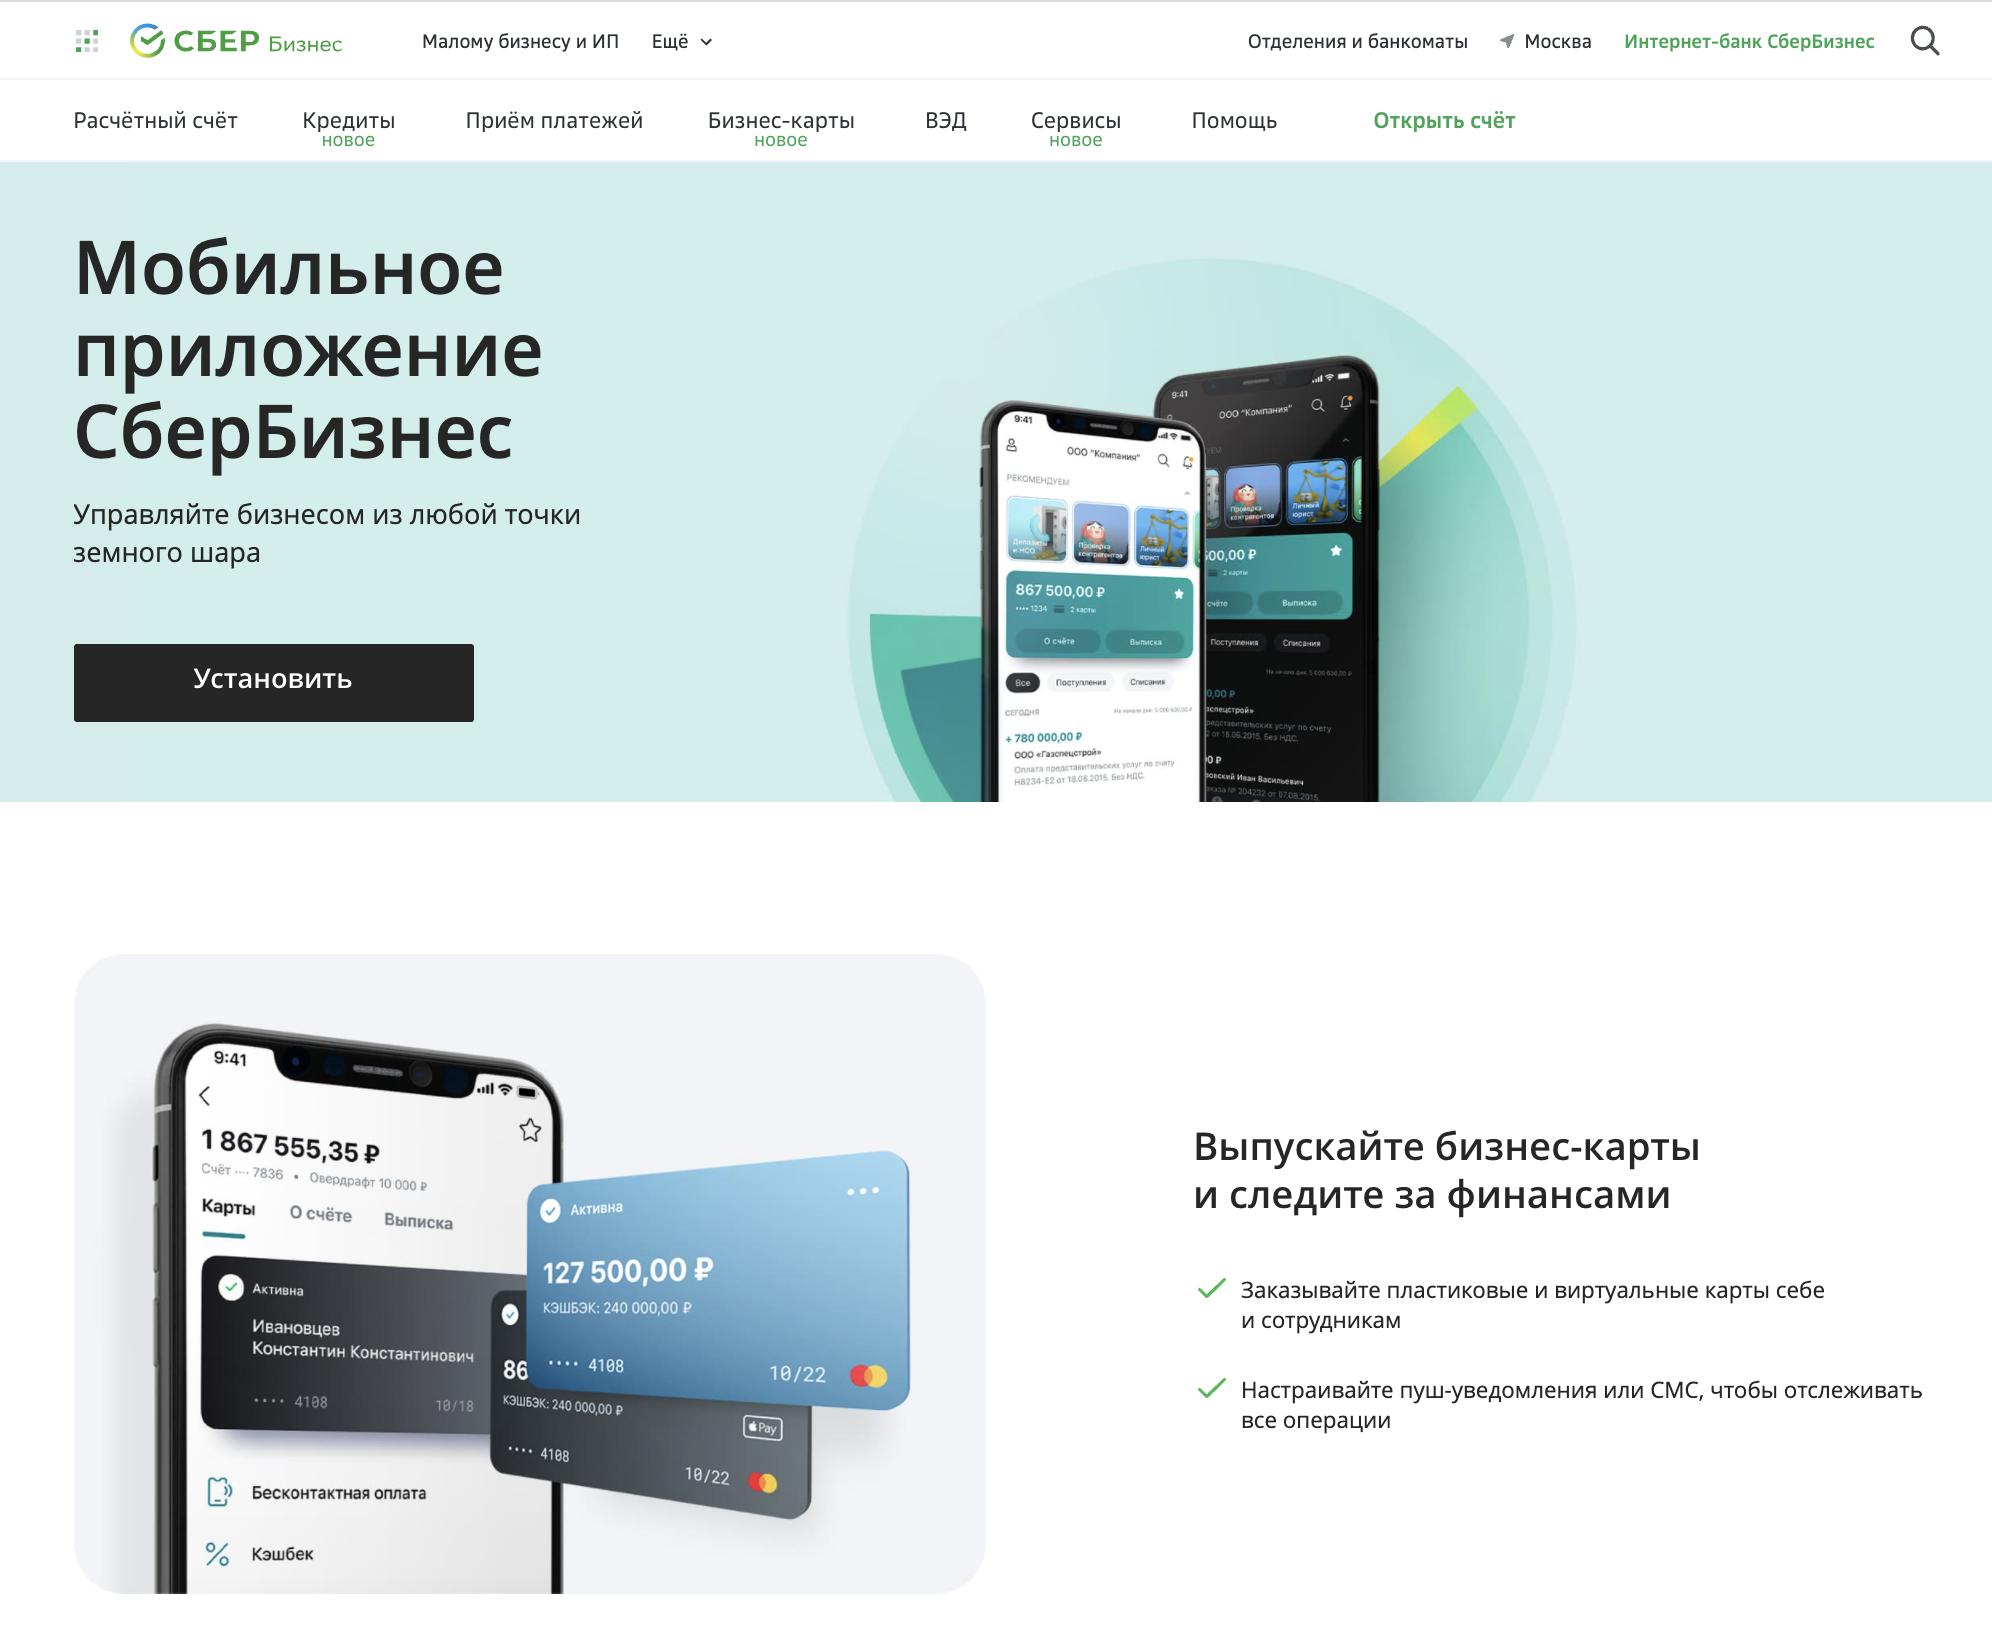 как установить бизнес онлайн сбербанк на телефон - скачать приложение